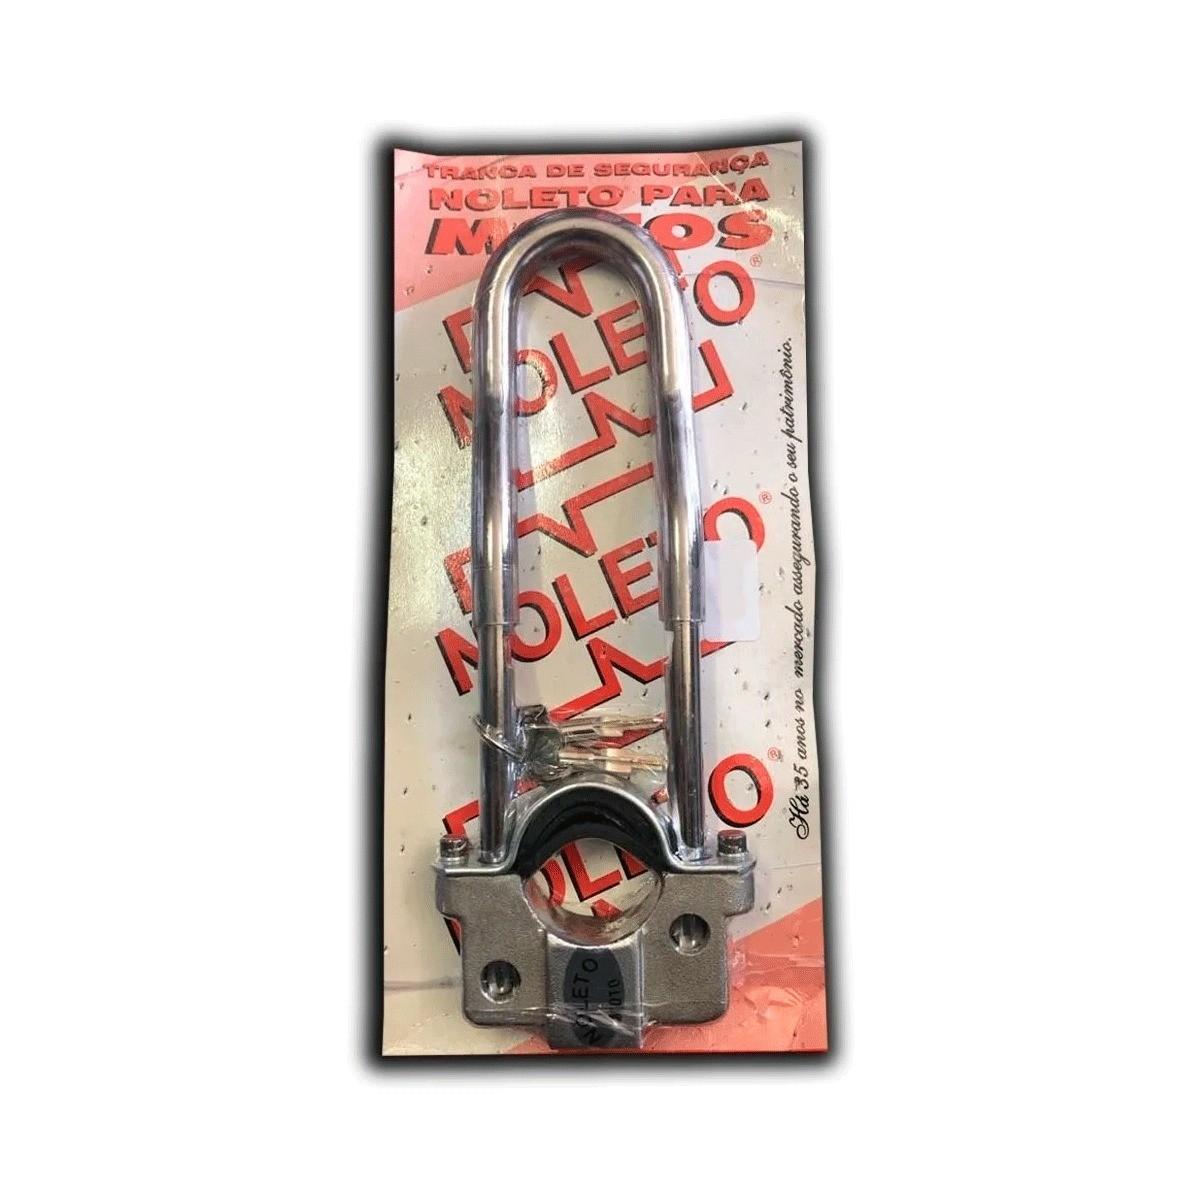 Tranca Trava Segurança Anti Furto Moto honda Titan125/ Fan125/ Ybr 125 cg 125 ate 99